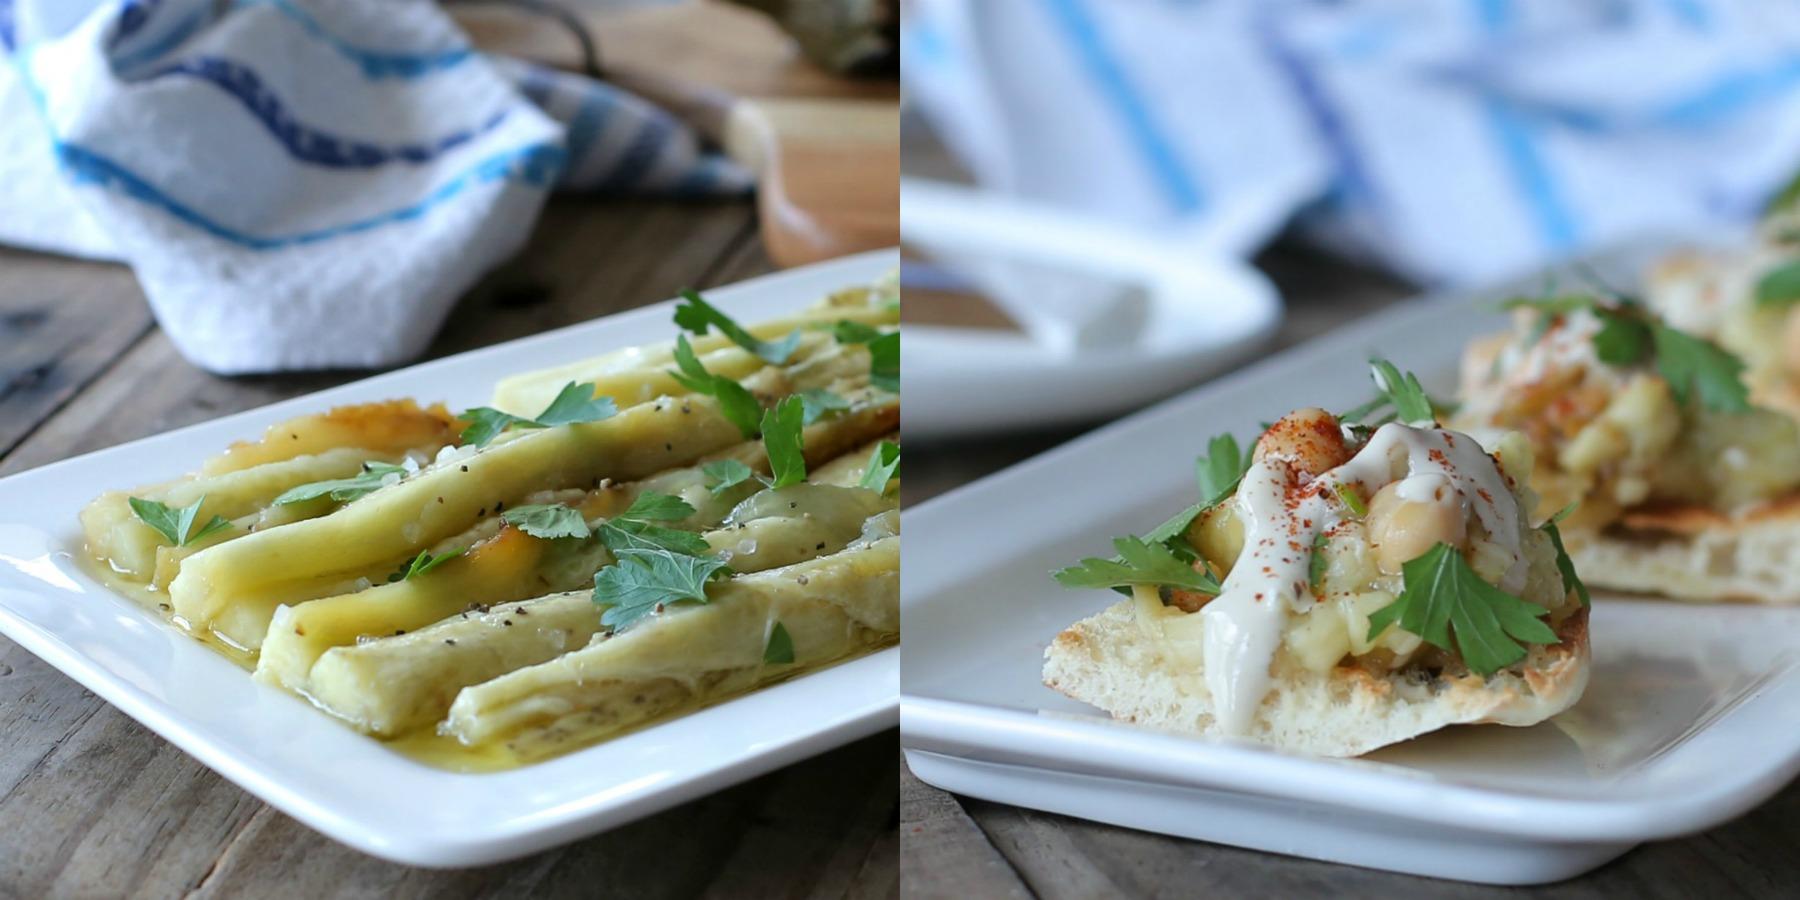 שתי מנות חציל קלוי בפעם אחת - רק לבחור מה להגיש_חציל קלוי בתנור_מתכון מנצח_בלוג אוכל ואירוח בסטייל_צילום: טליה הדר